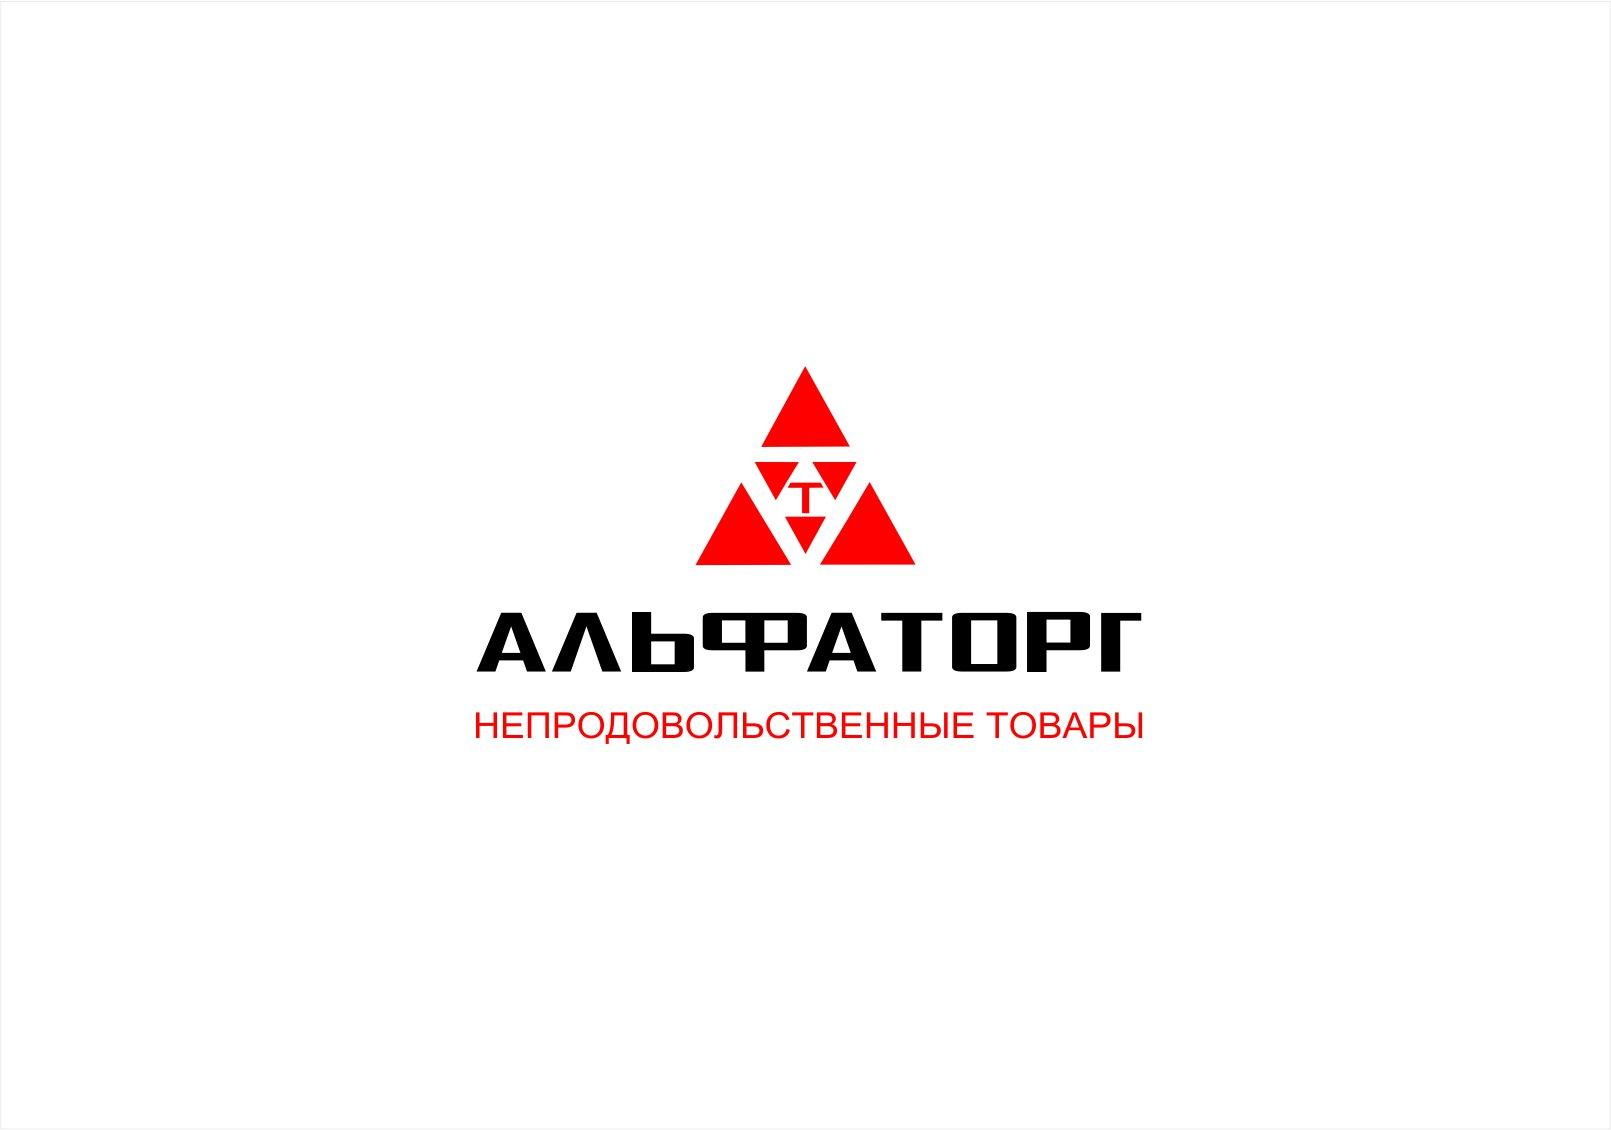 Логотип и фирменный стиль фото f_3475f09e1a55c6fd.jpg